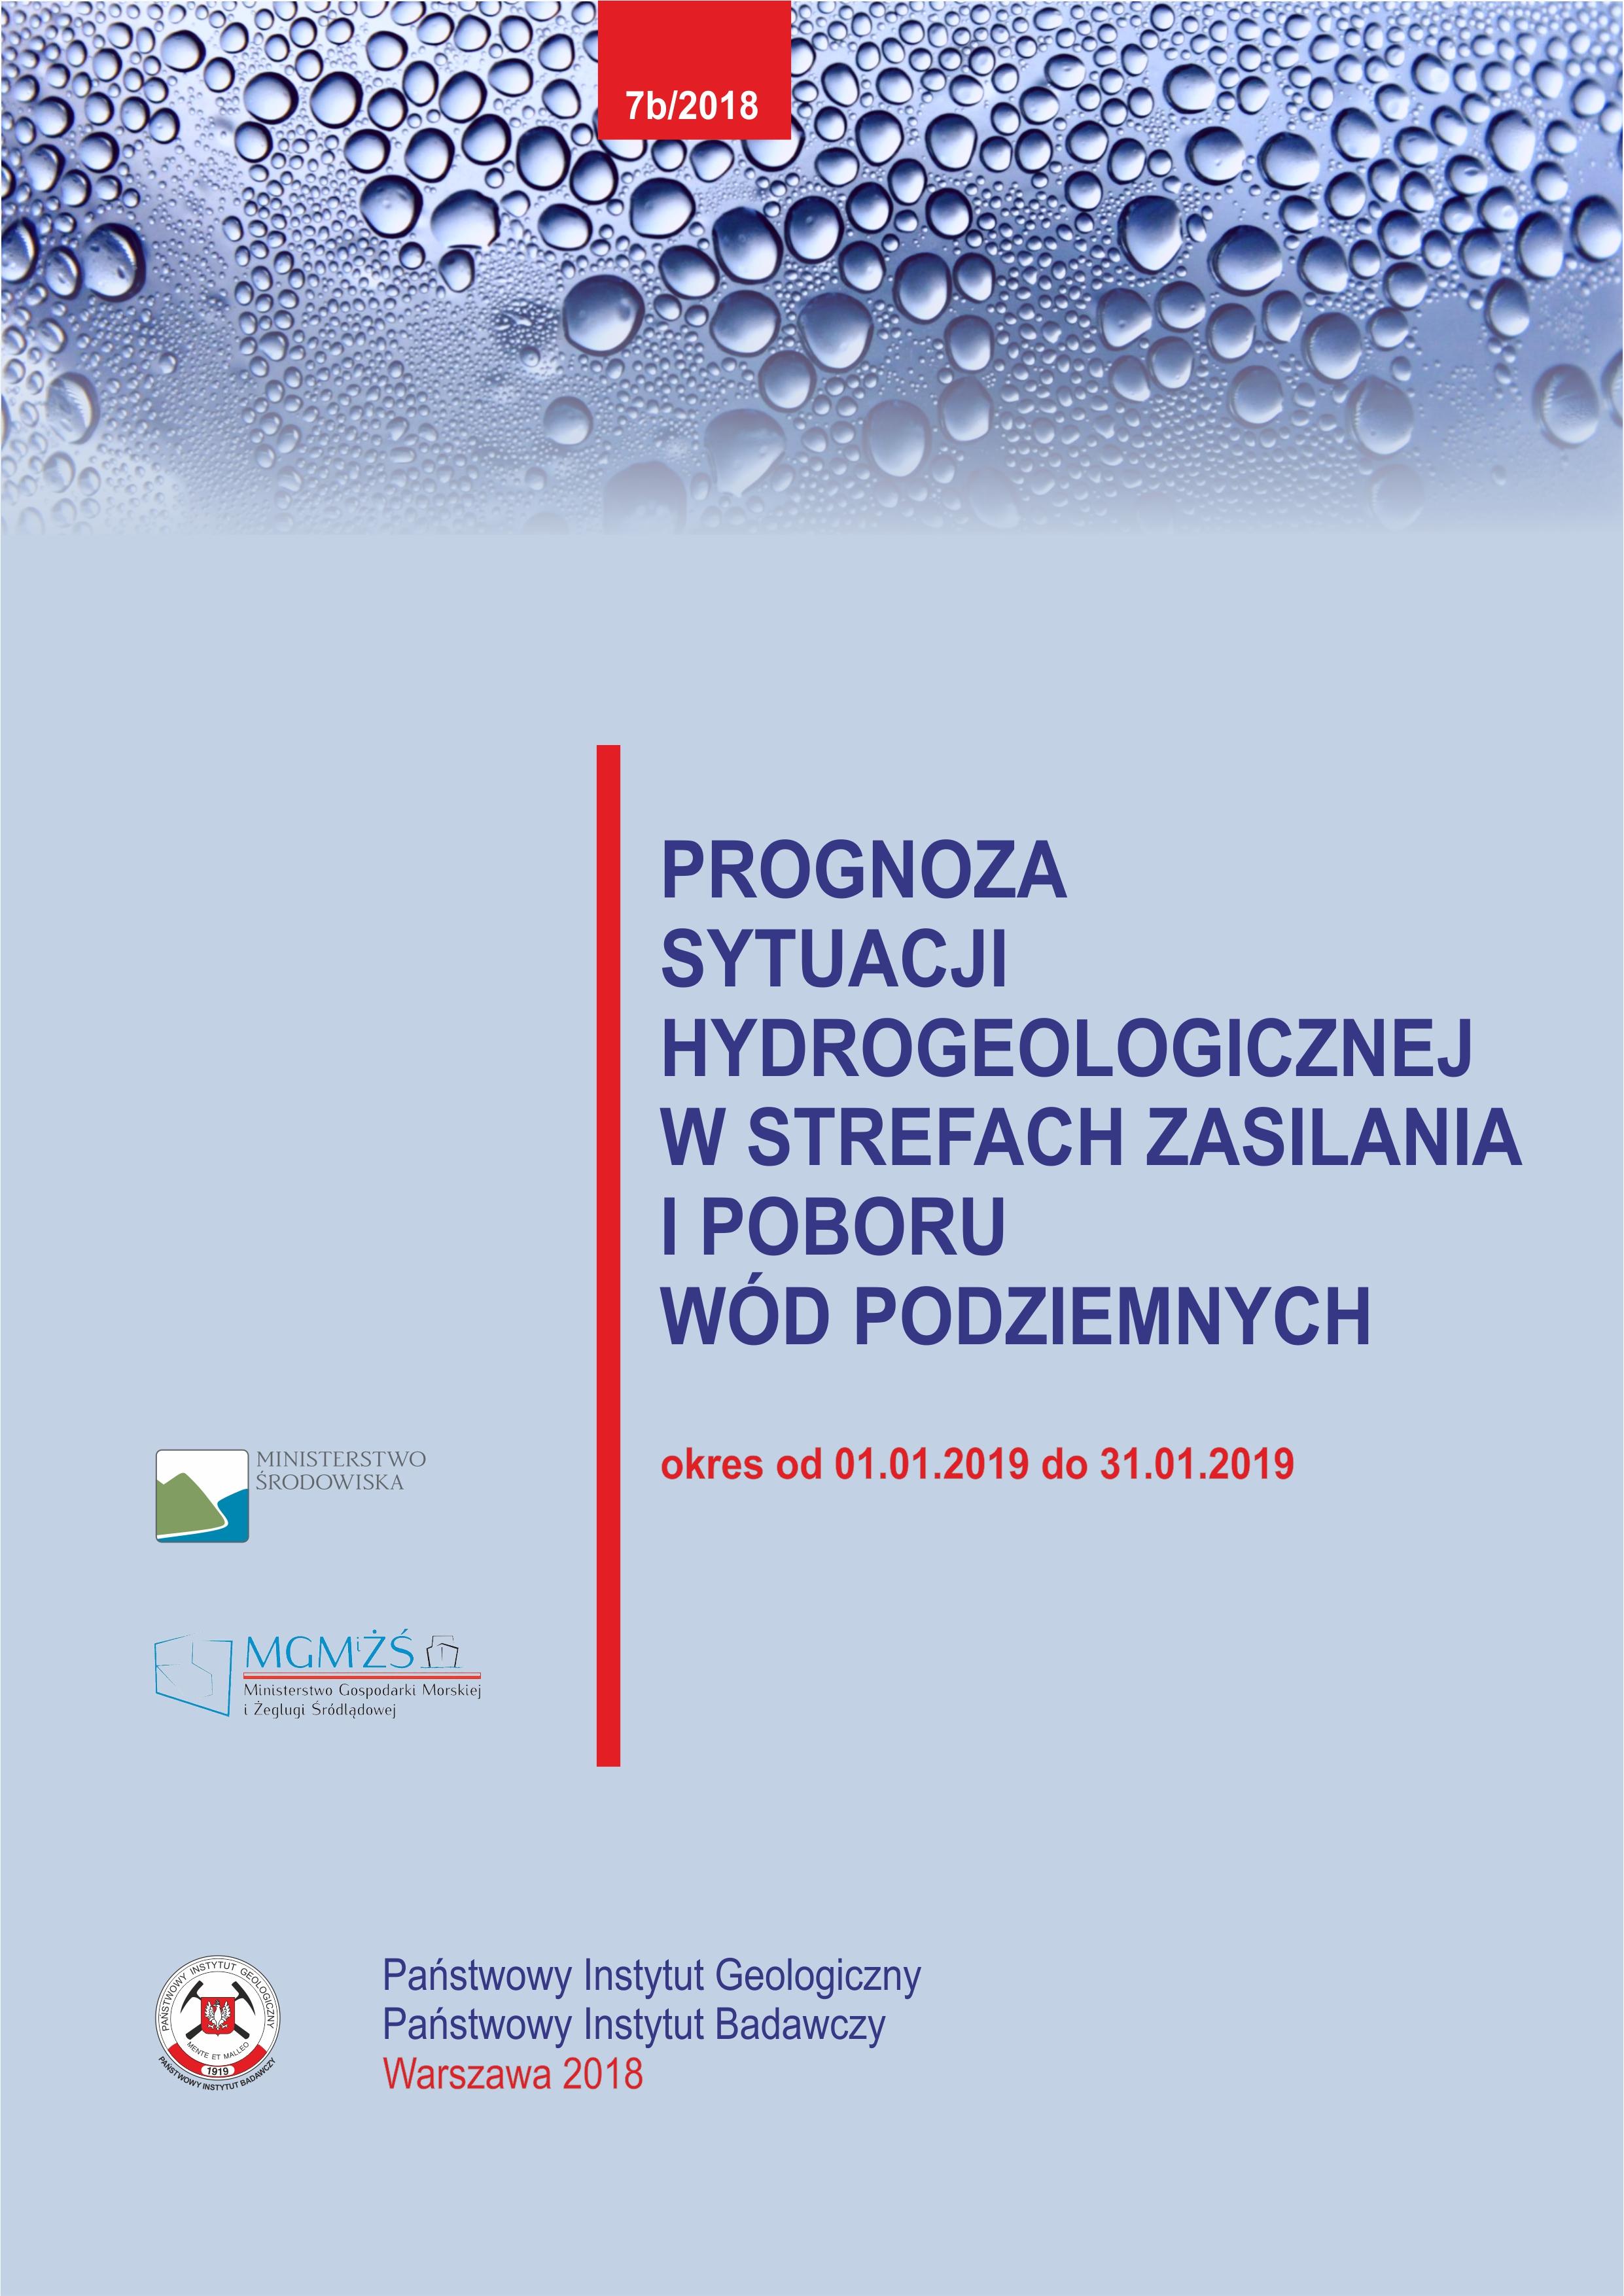 Prognoza sytuacji hydrogeologicznej w strefach zasilania i poboru wód podziemnych 01.01.2019- 31.01.2019